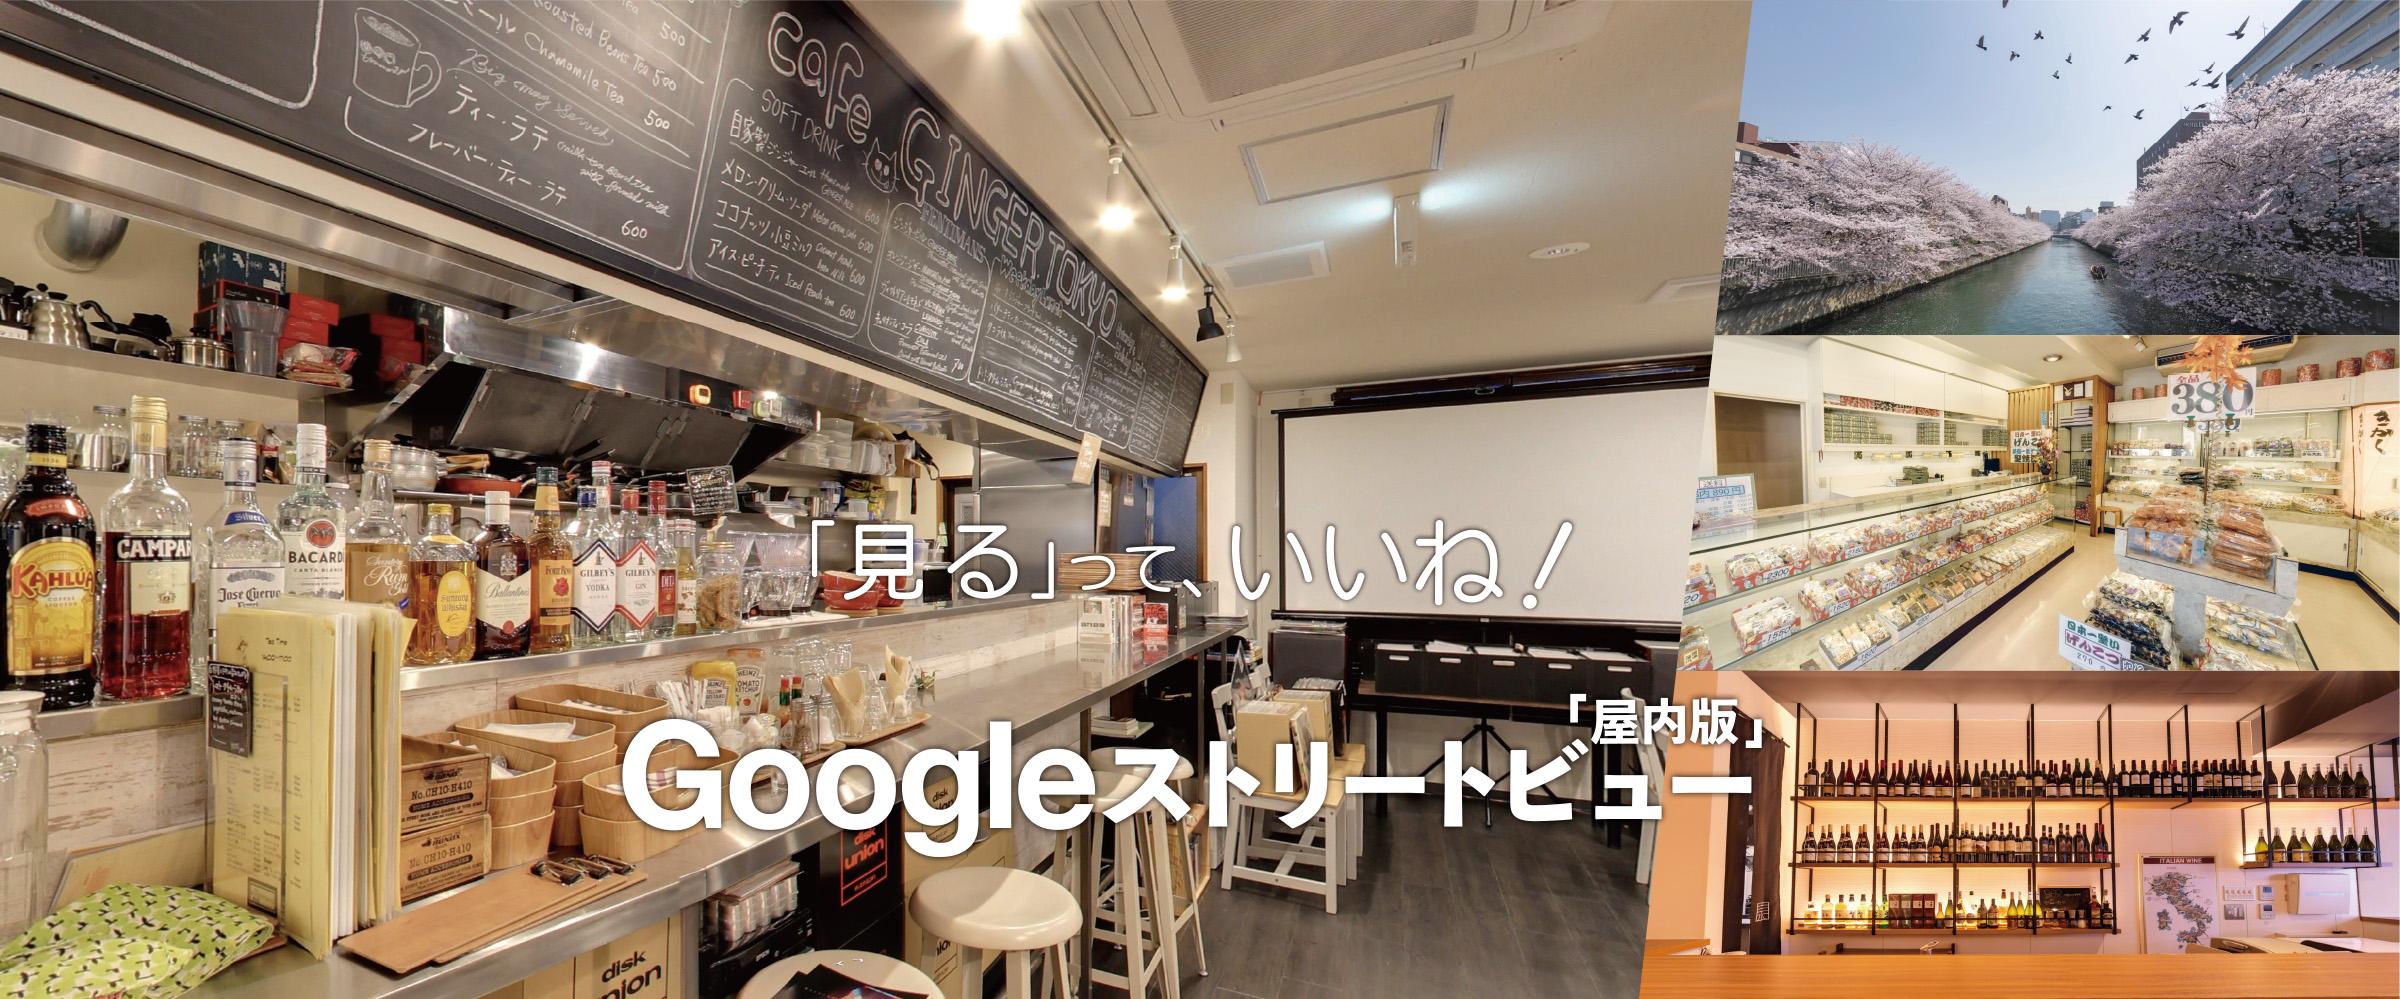 Googleストリートビュー屋内版始めてみませんか?